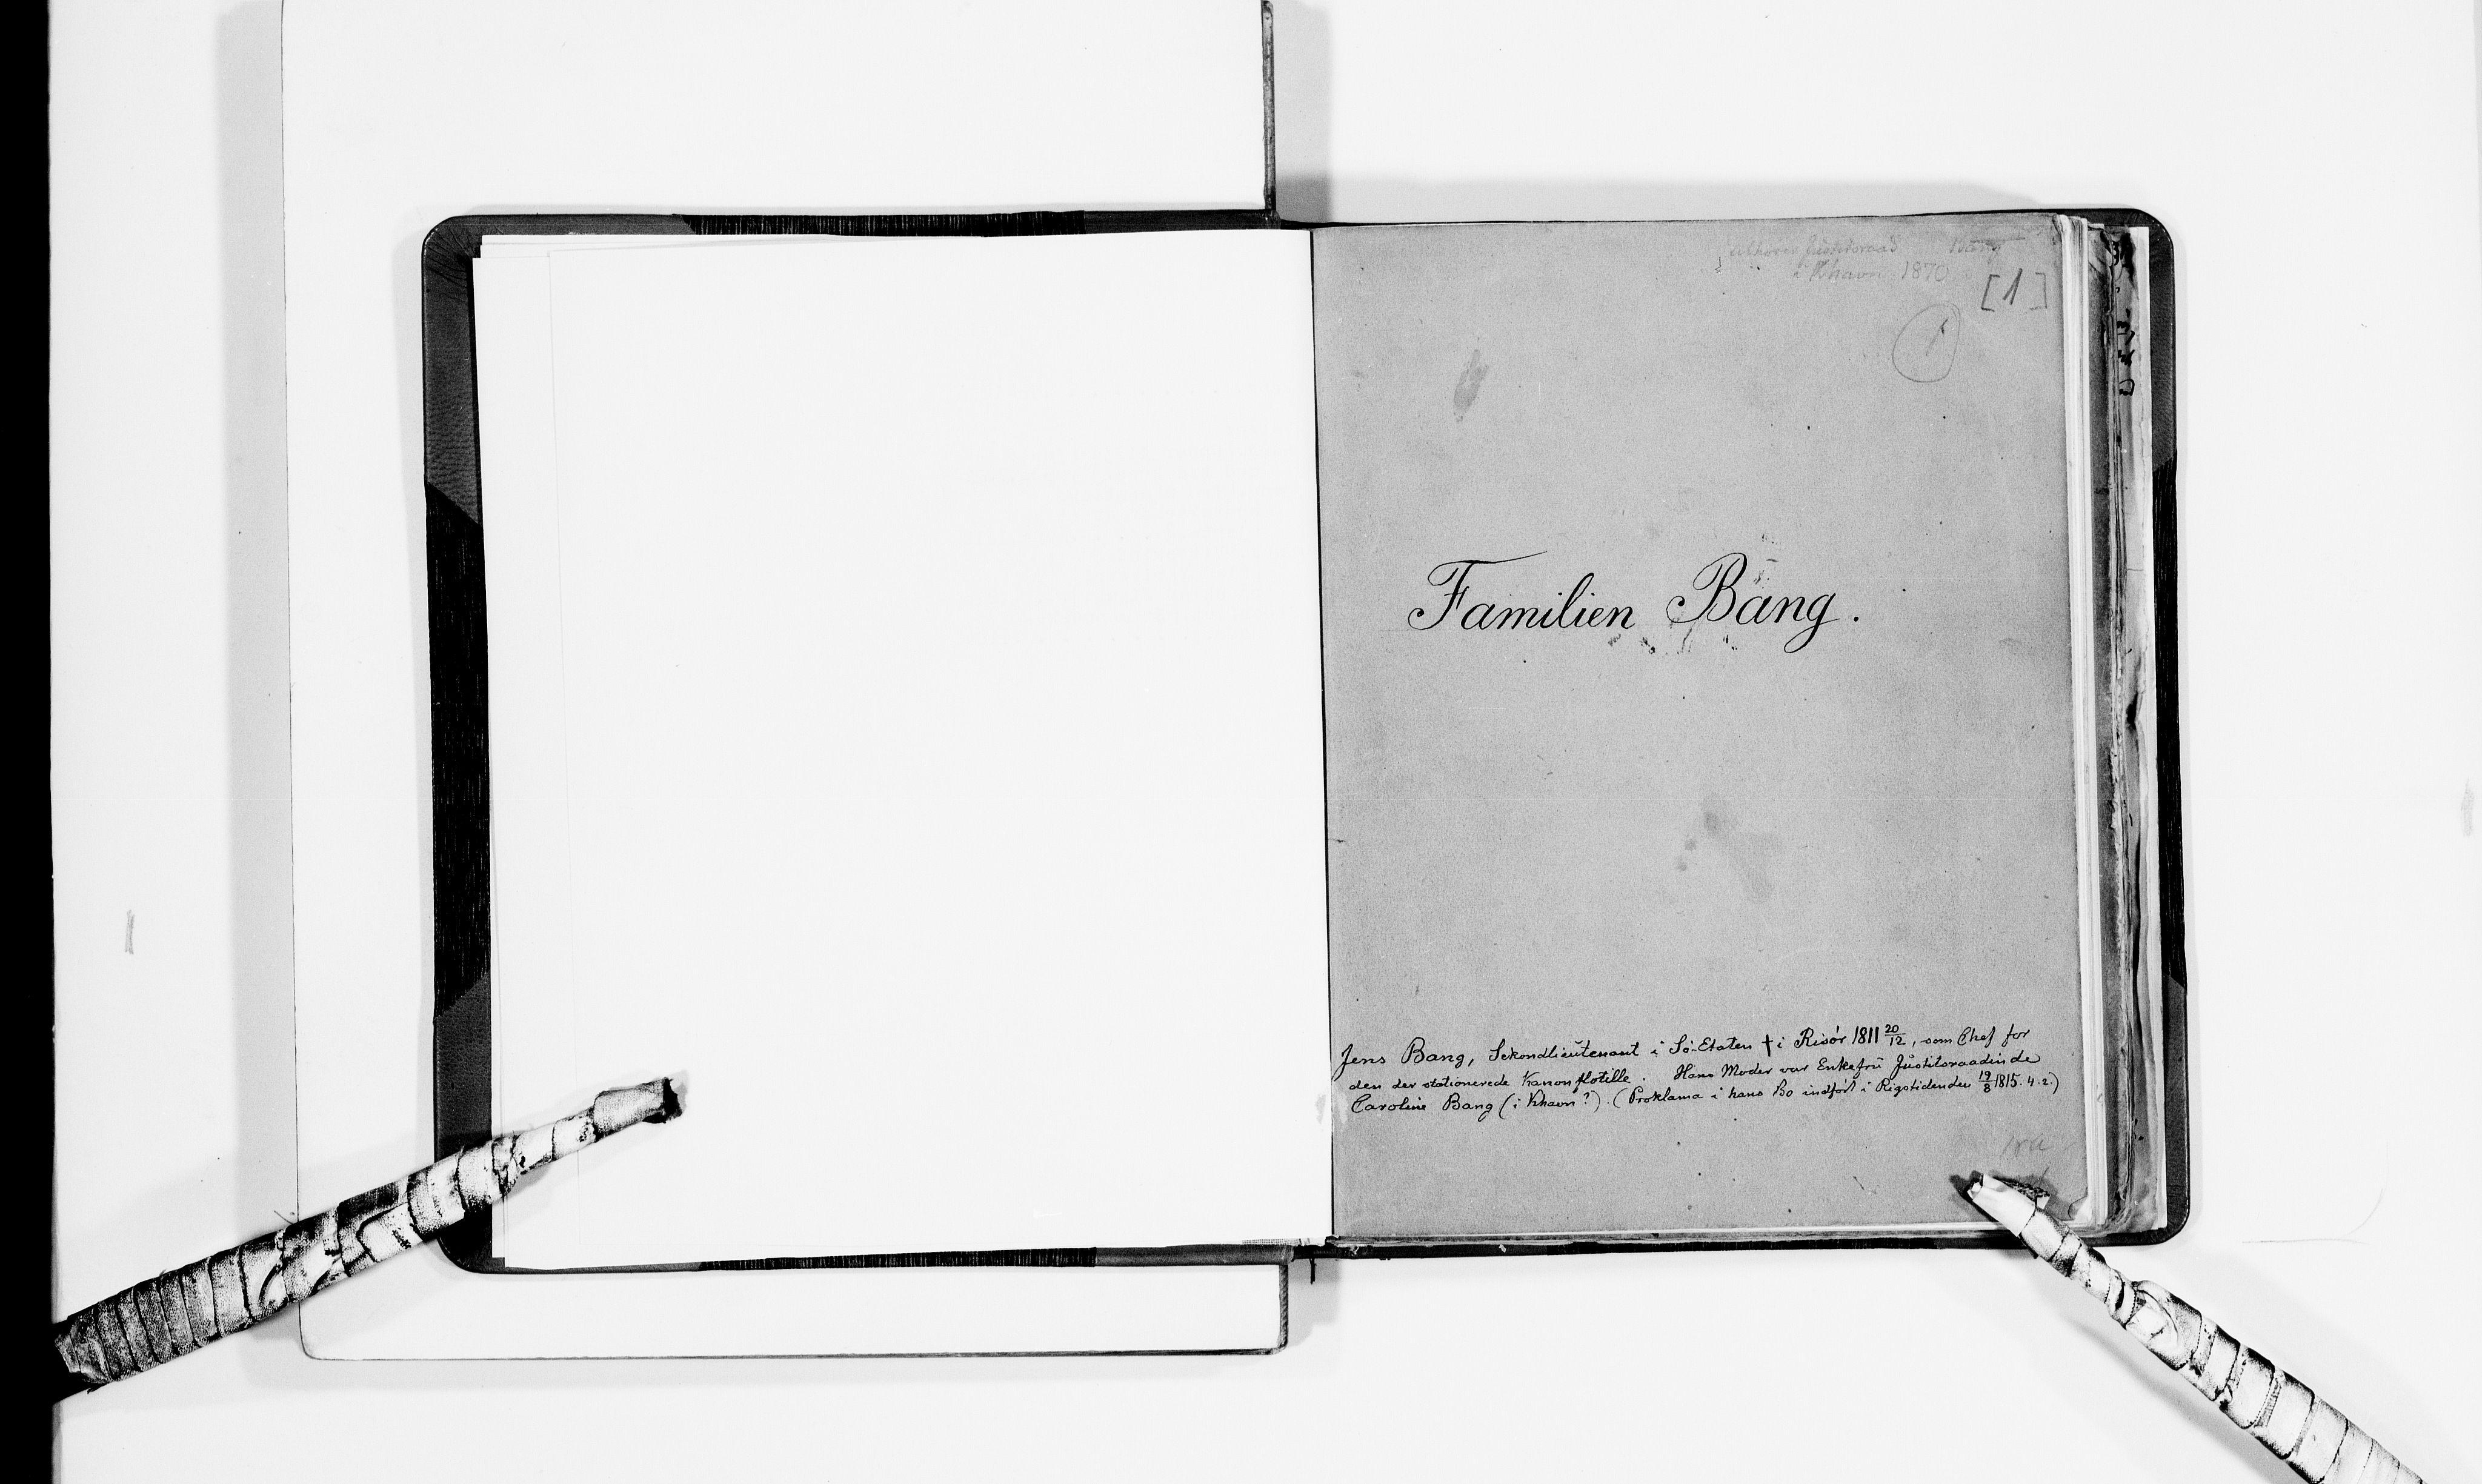 RA, Lassens samlinger, F/Fb, s. 1